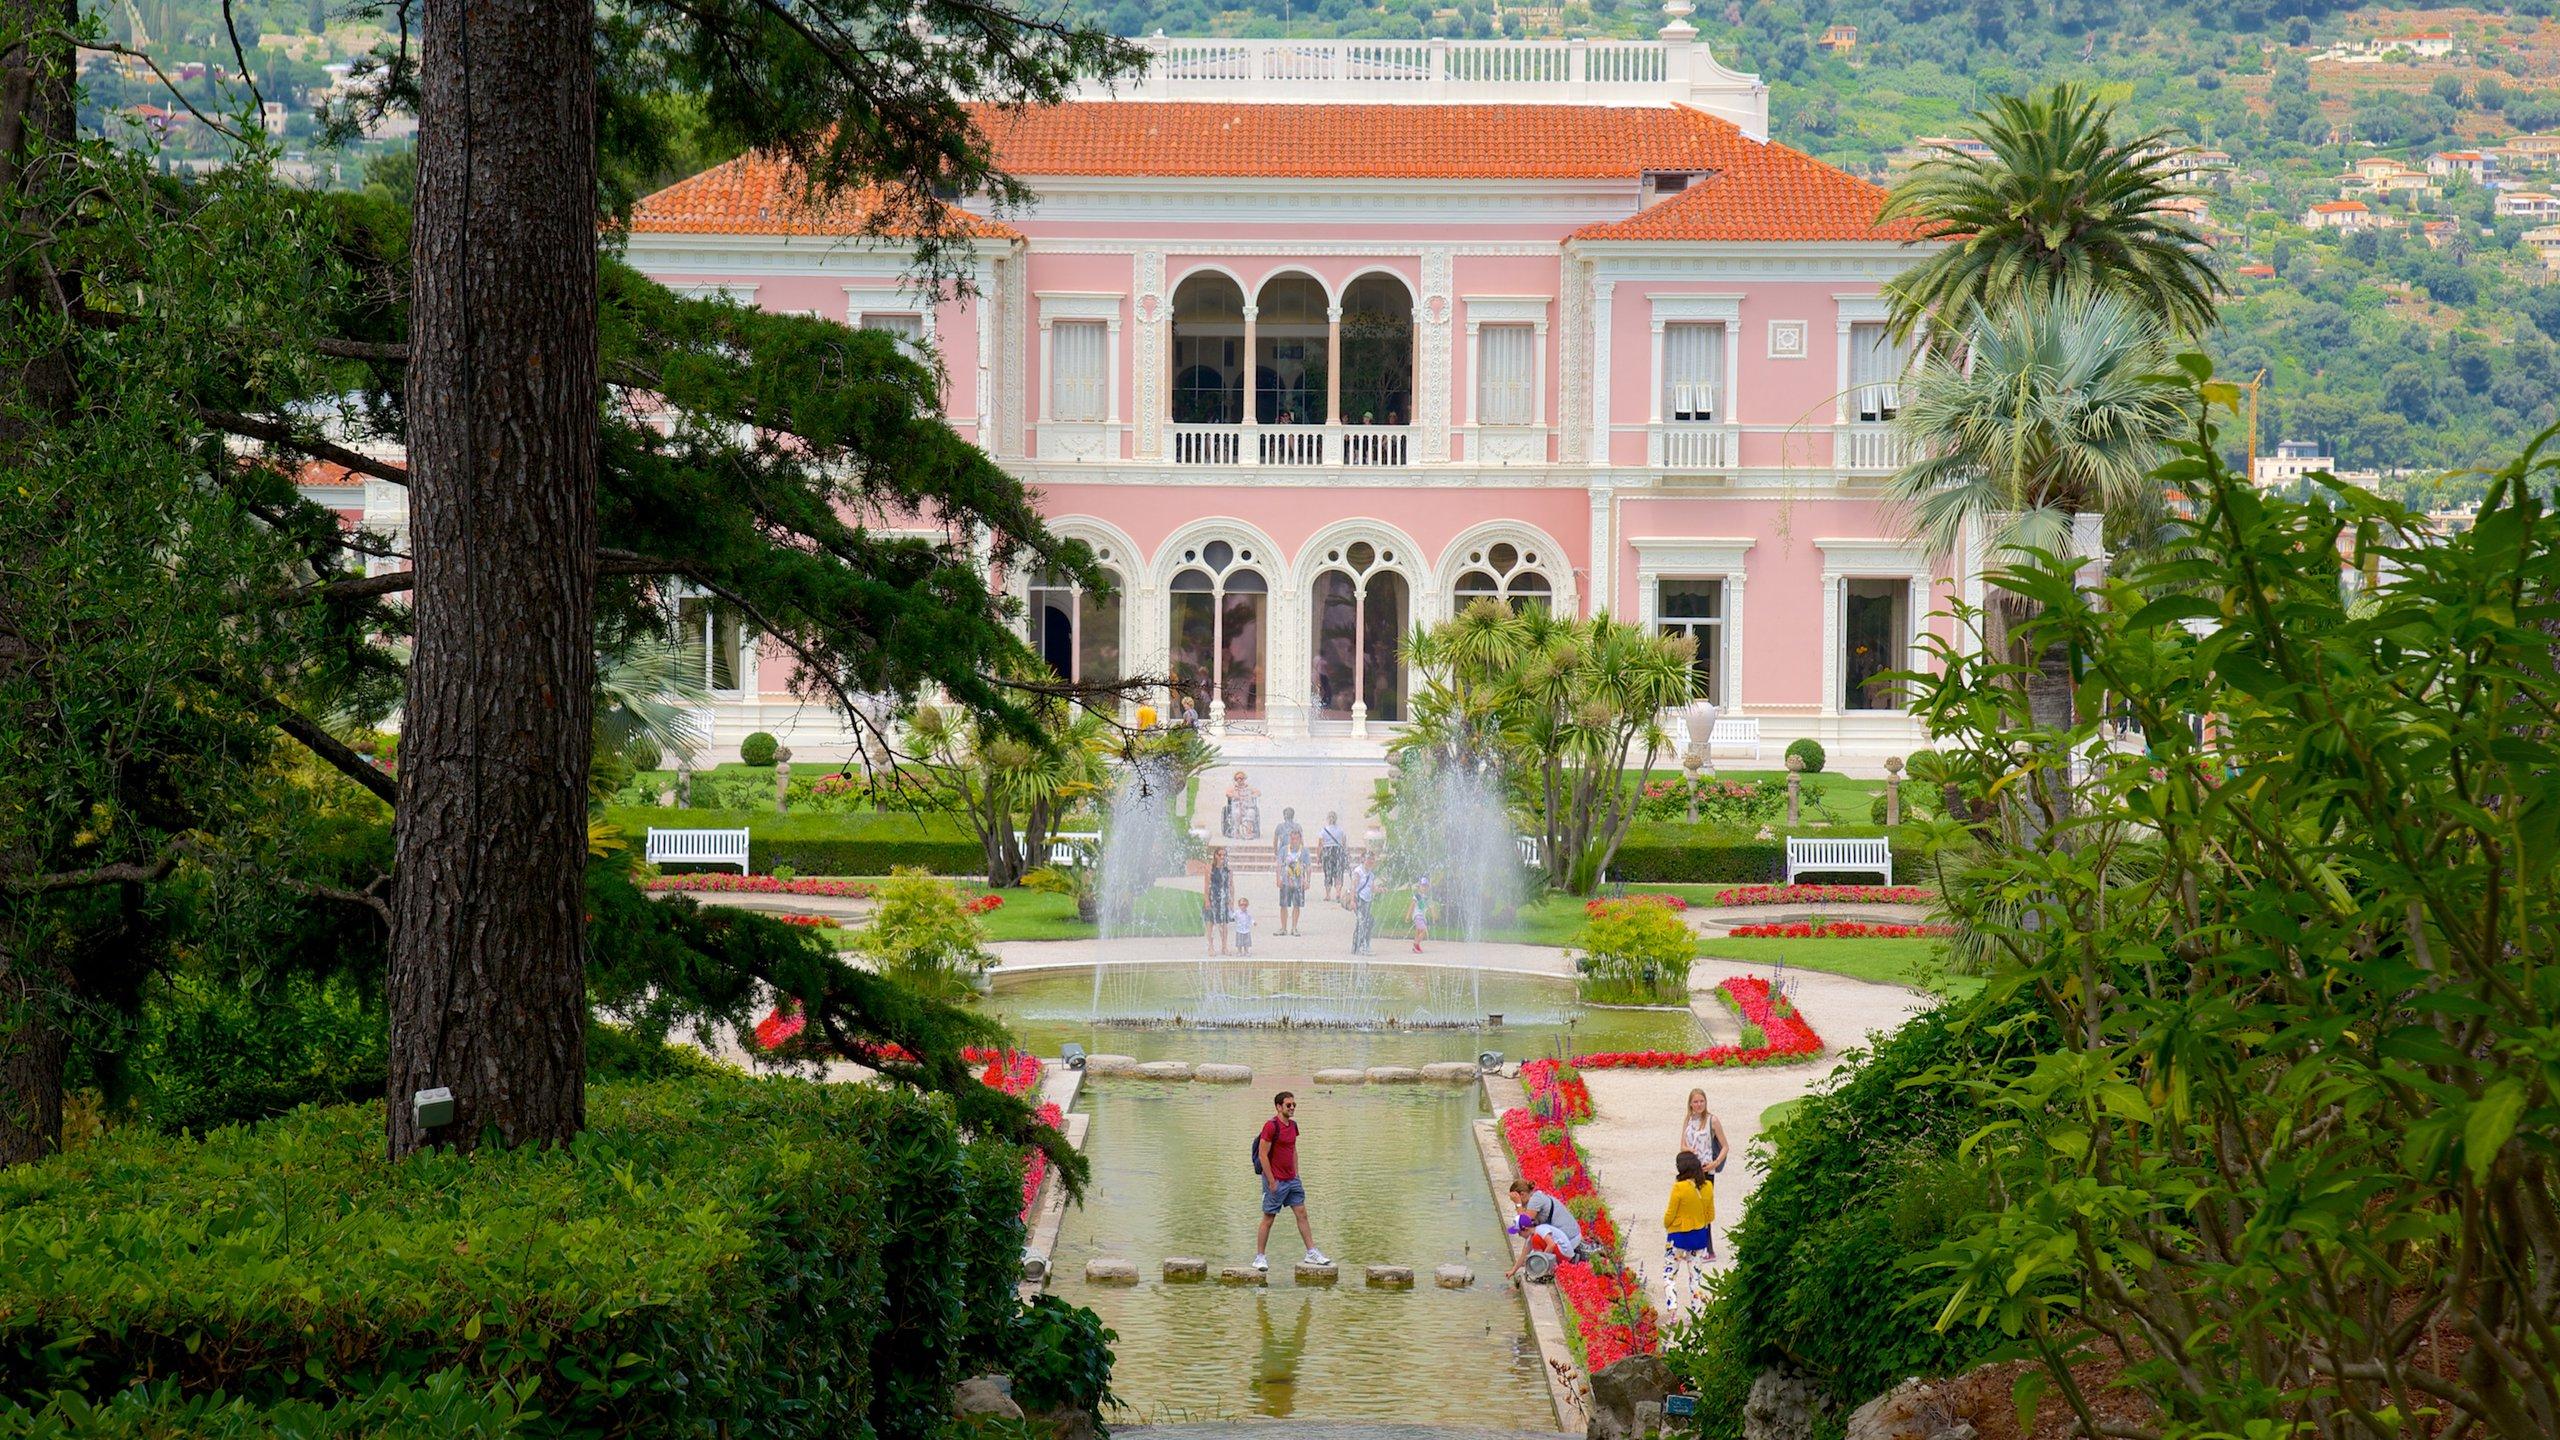 Villa Ephrussi de Rothschild, Saint-Jean-Cap-Ferrat, Département Alpes-Maritimes, Frankreich